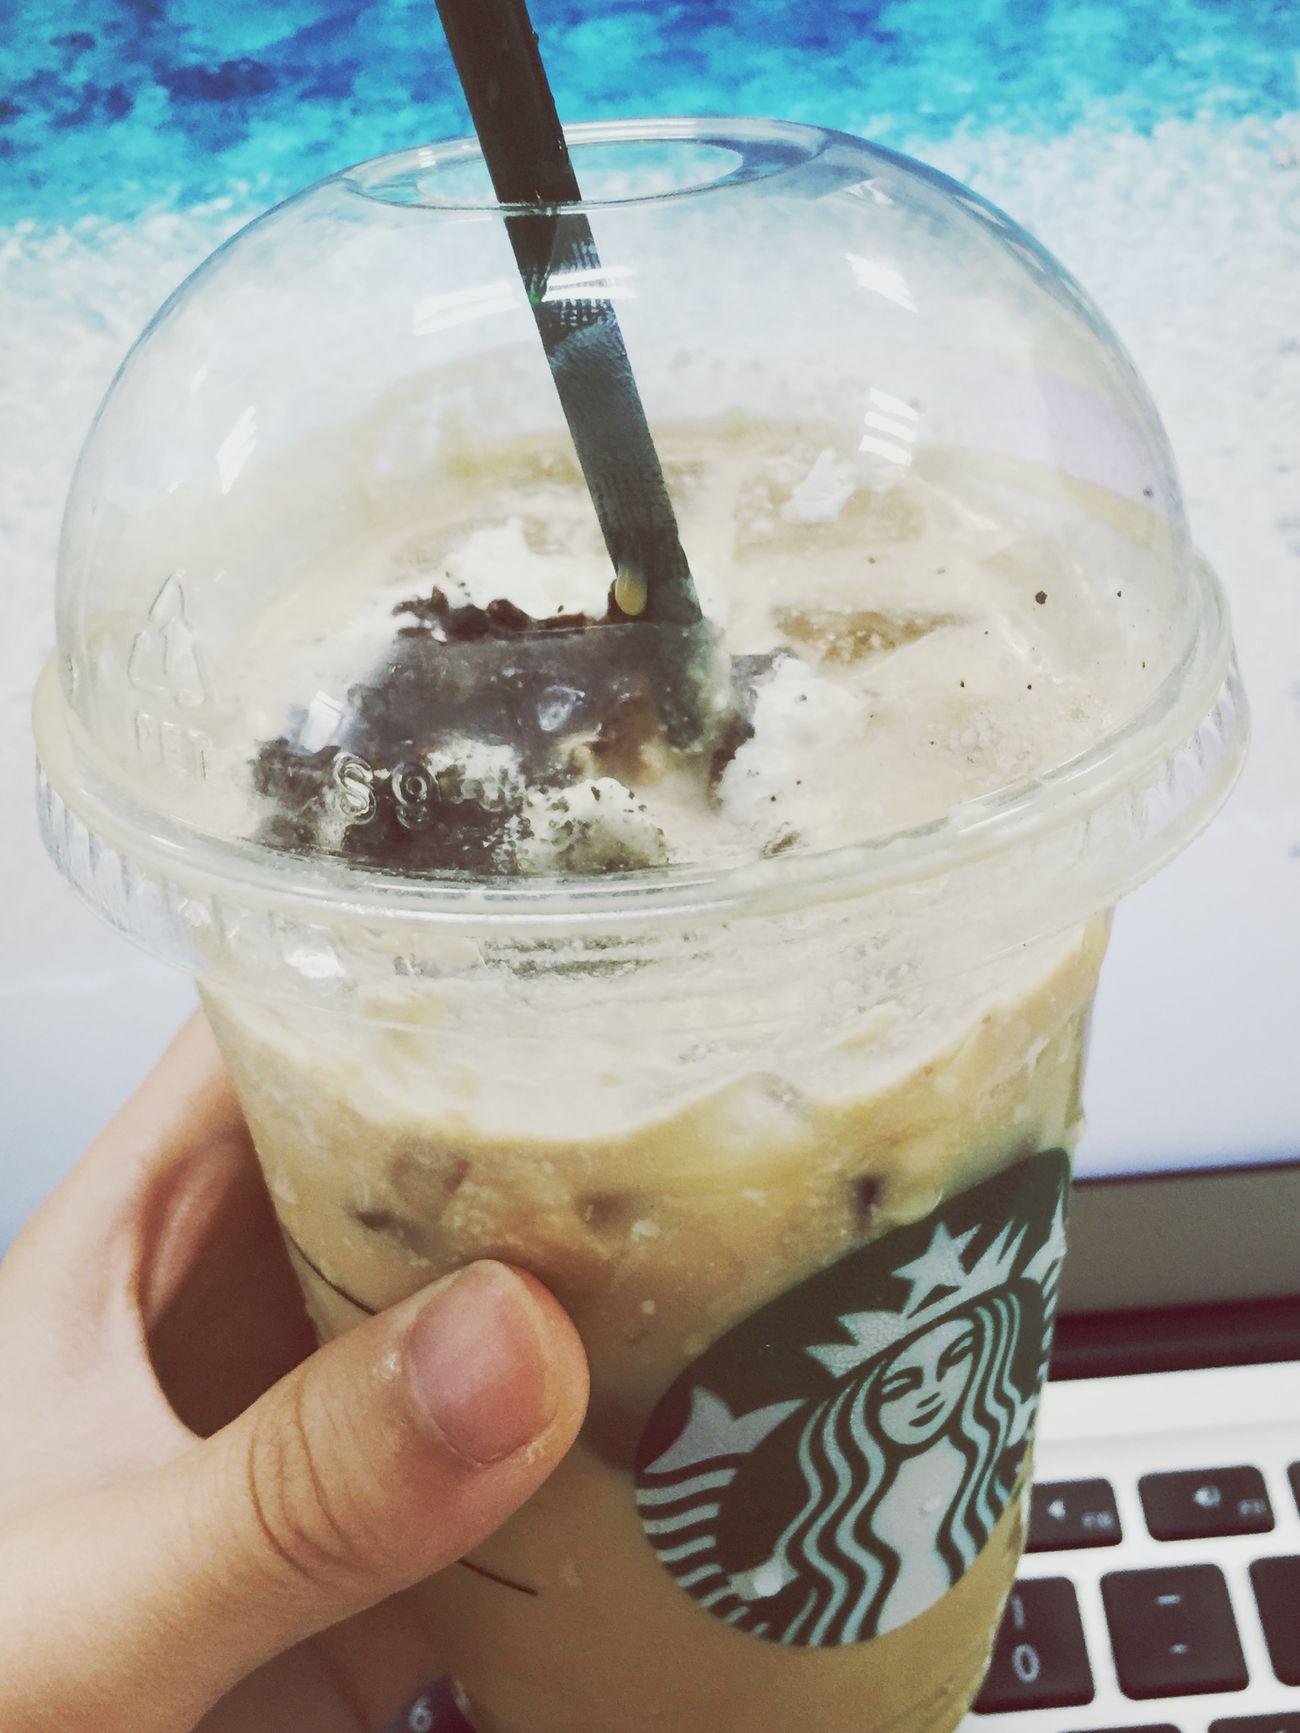 今天老板请喝咖啡